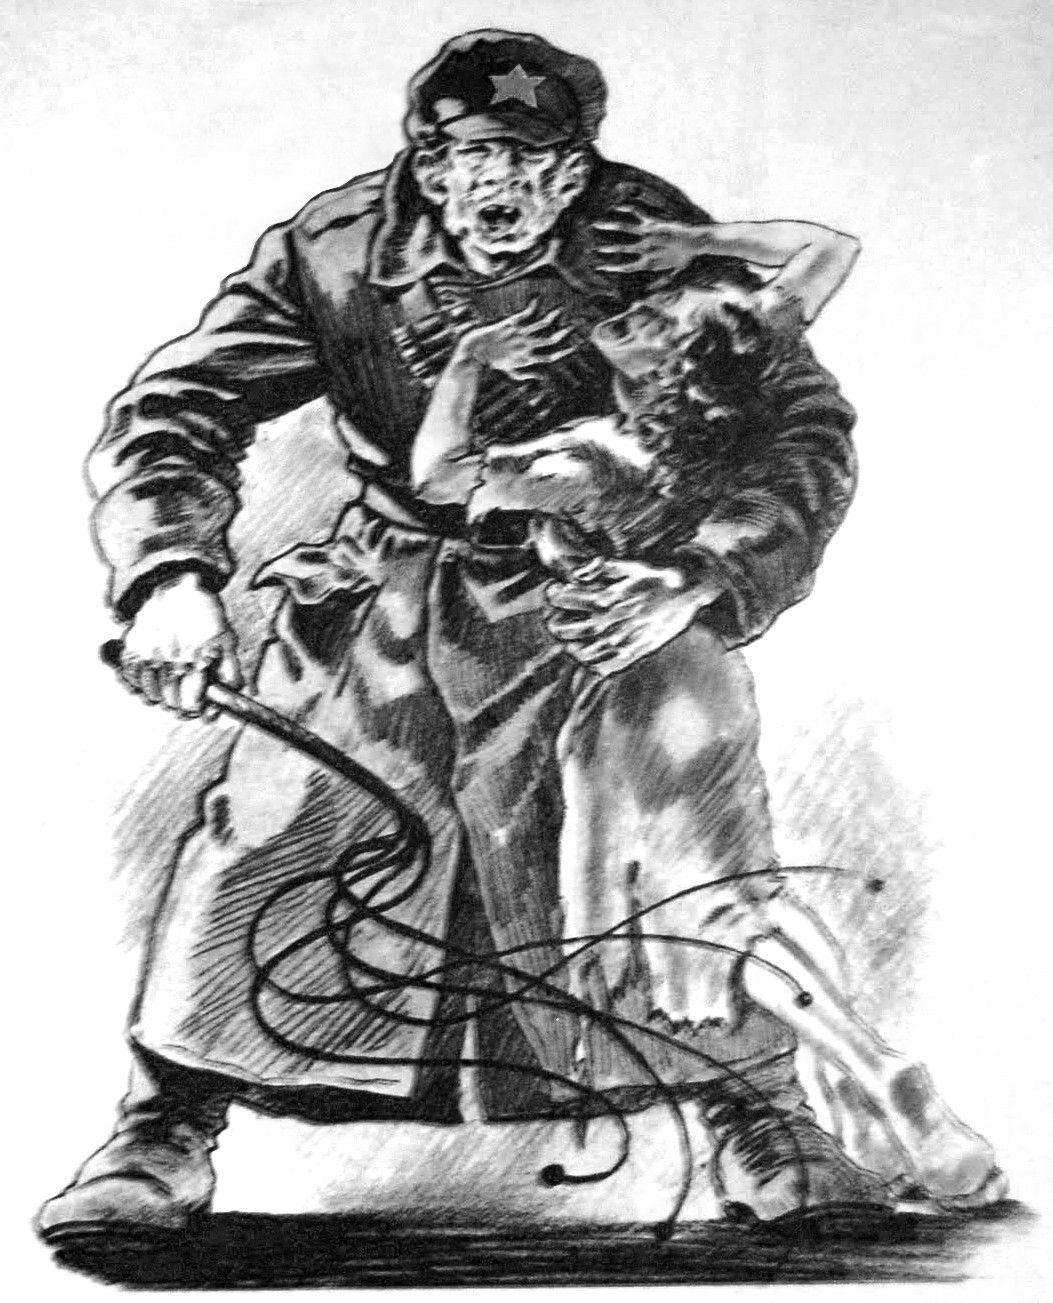 """Czasami przed gwałtem mogło uchronić głośne wzywane pomocy. Ilustracja z książki Dariusza Kalińskiego pod tytułem """"Czerwona zaraza""""."""